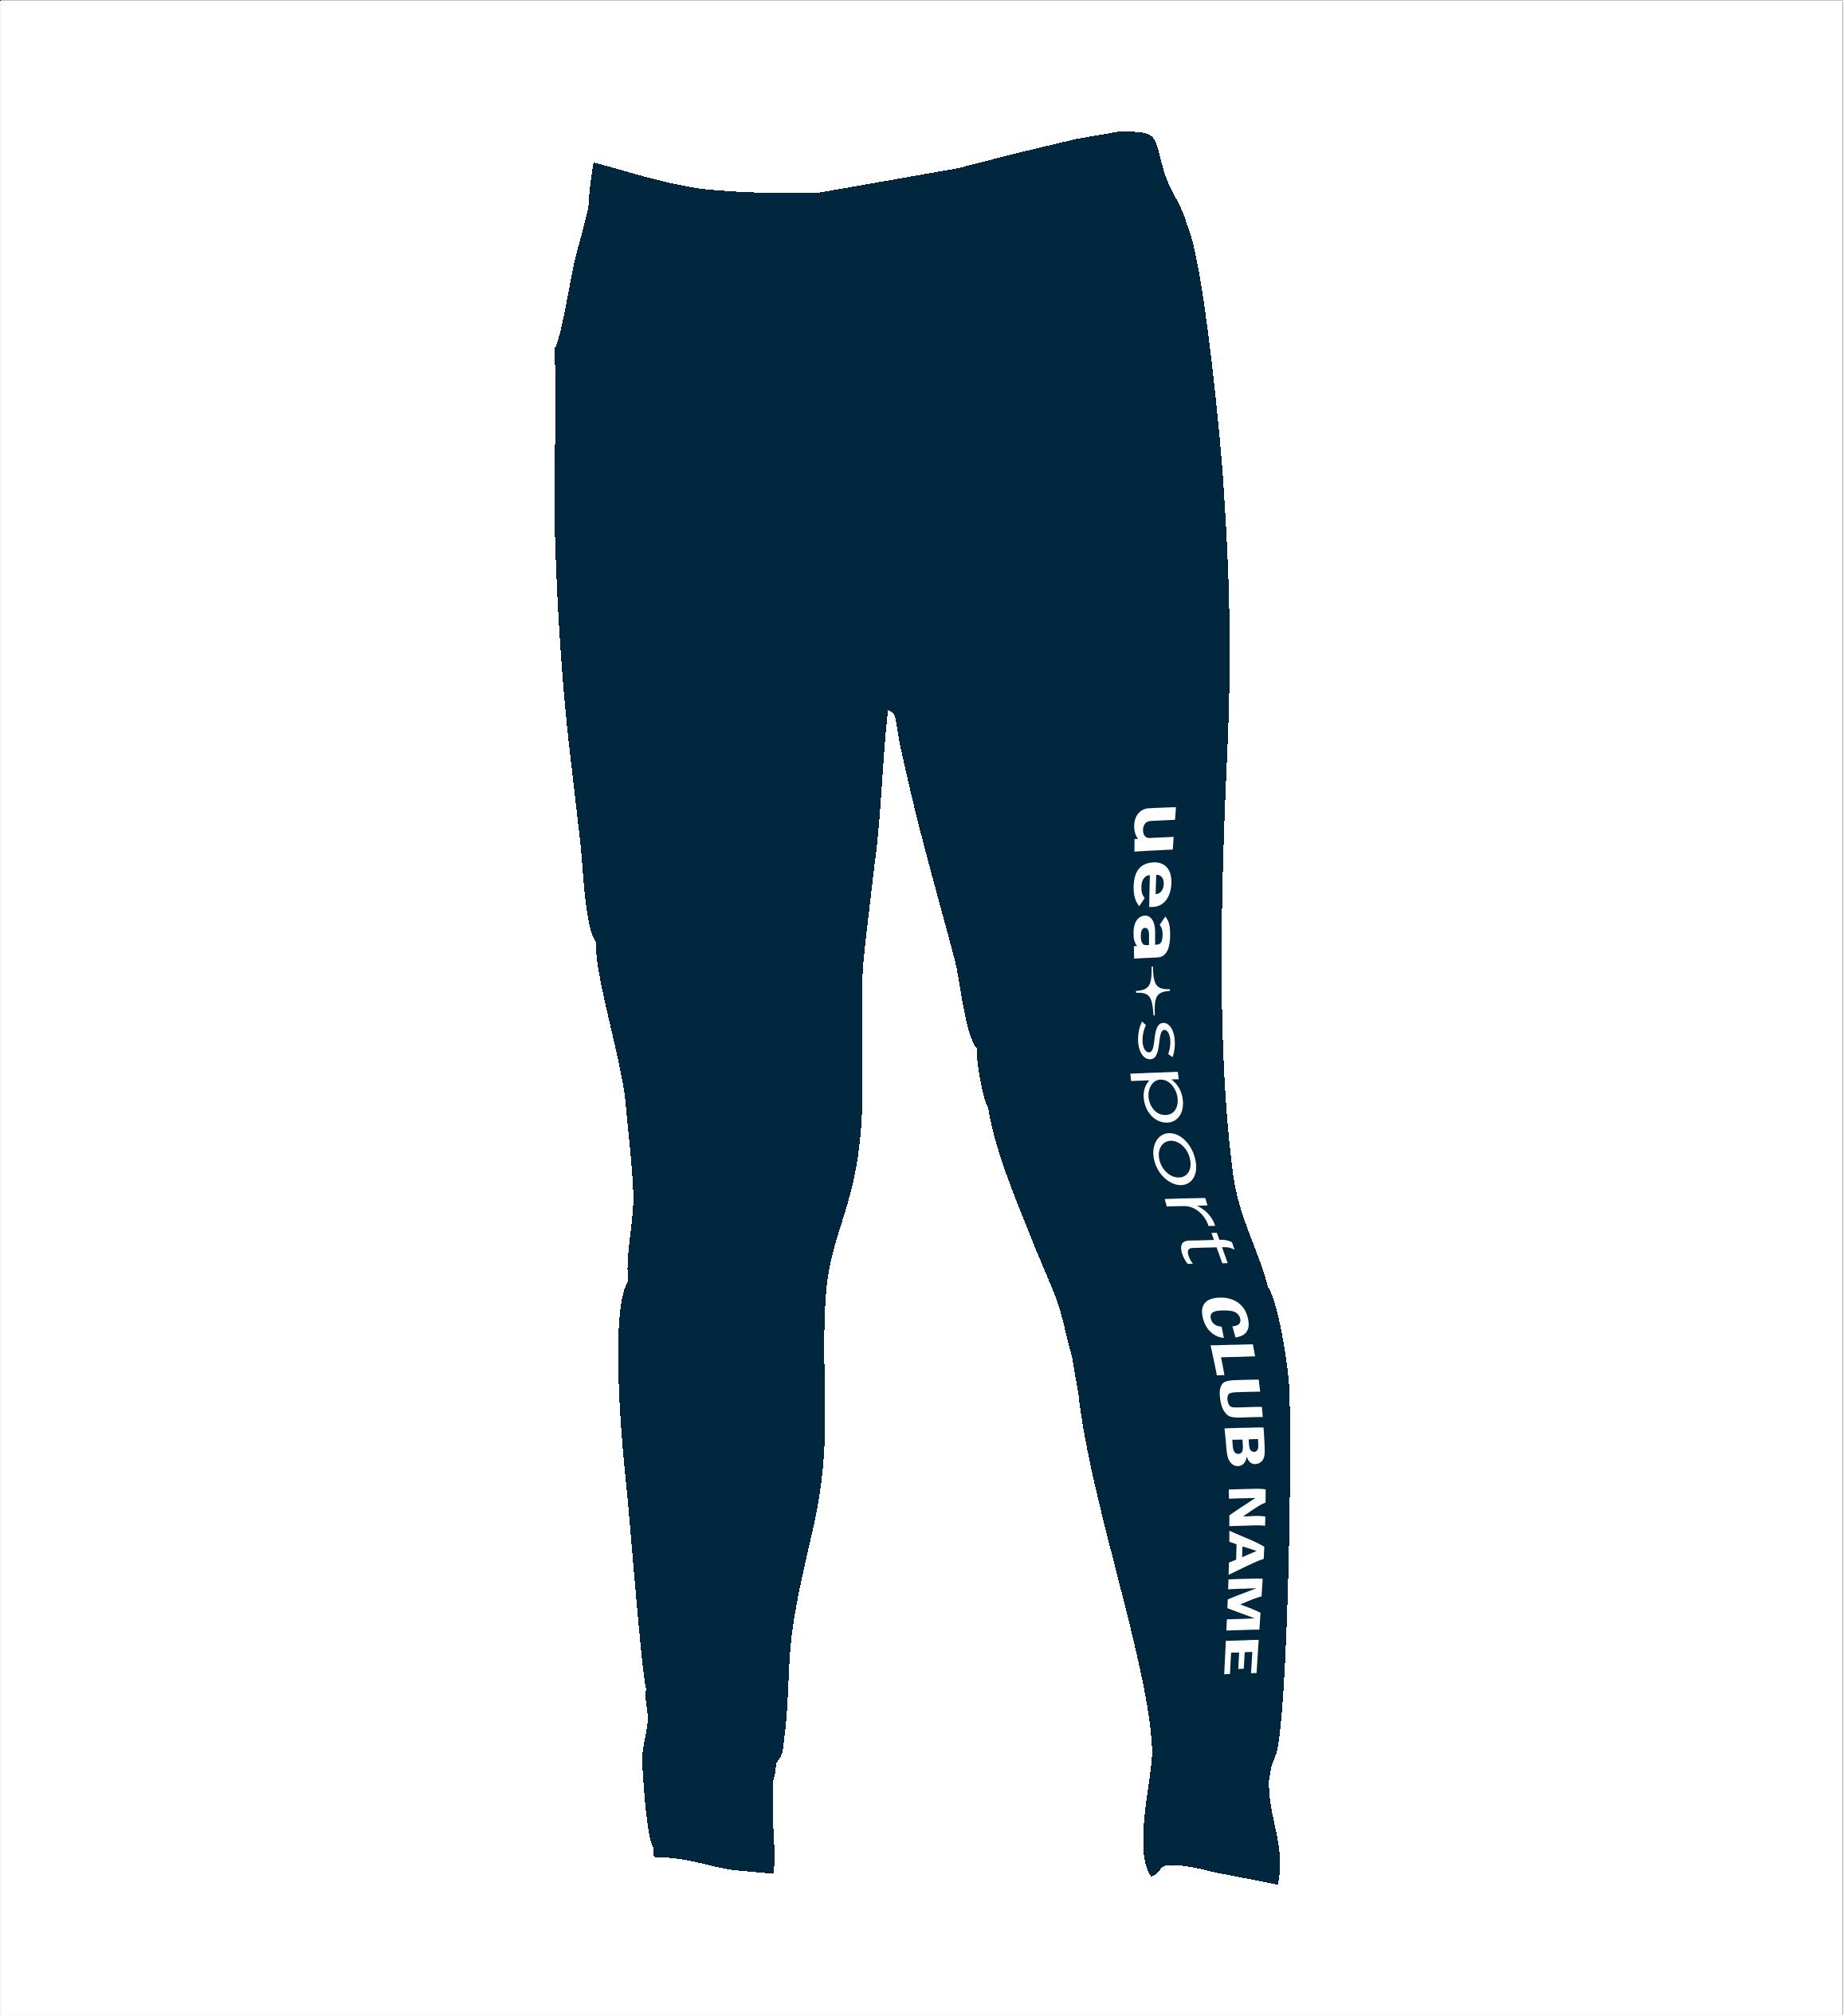 uea base layer leggings